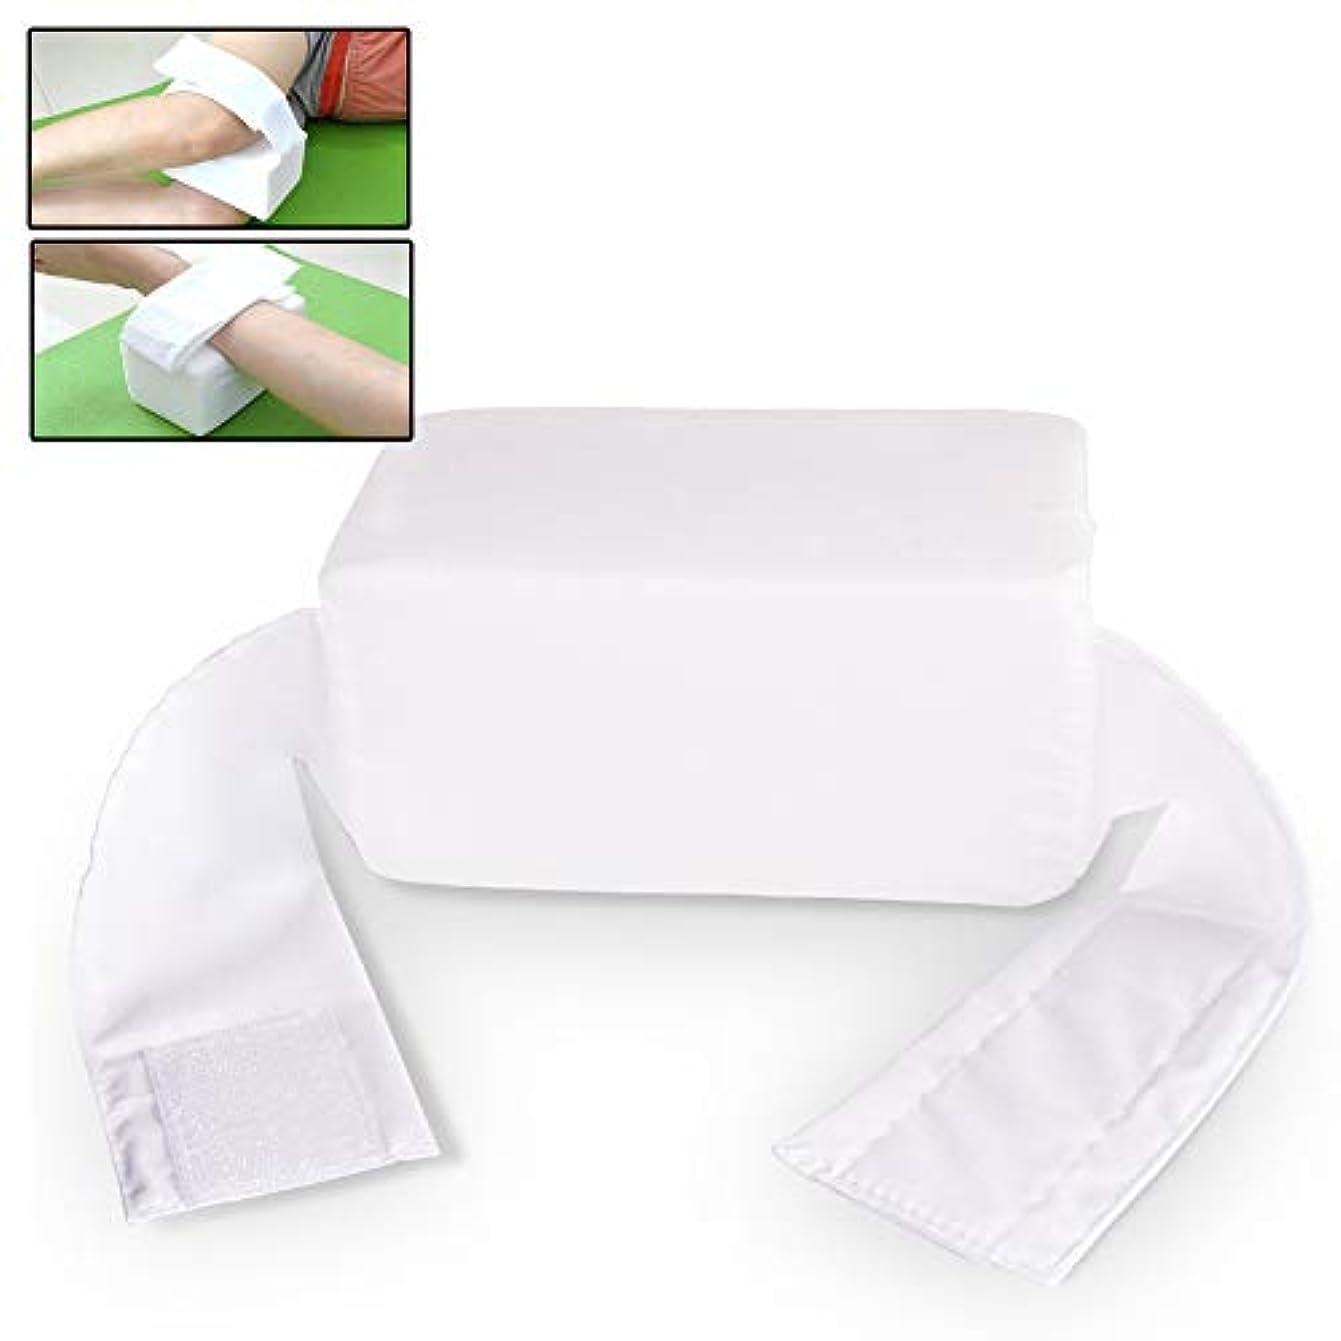 租界連続的取り替える調節可能なストラップ付きの多機能抗床ずれ膝枕 -サイドスリーパー、坐骨神経痛、妊娠と関節痛のためのくさびスポンジ枕